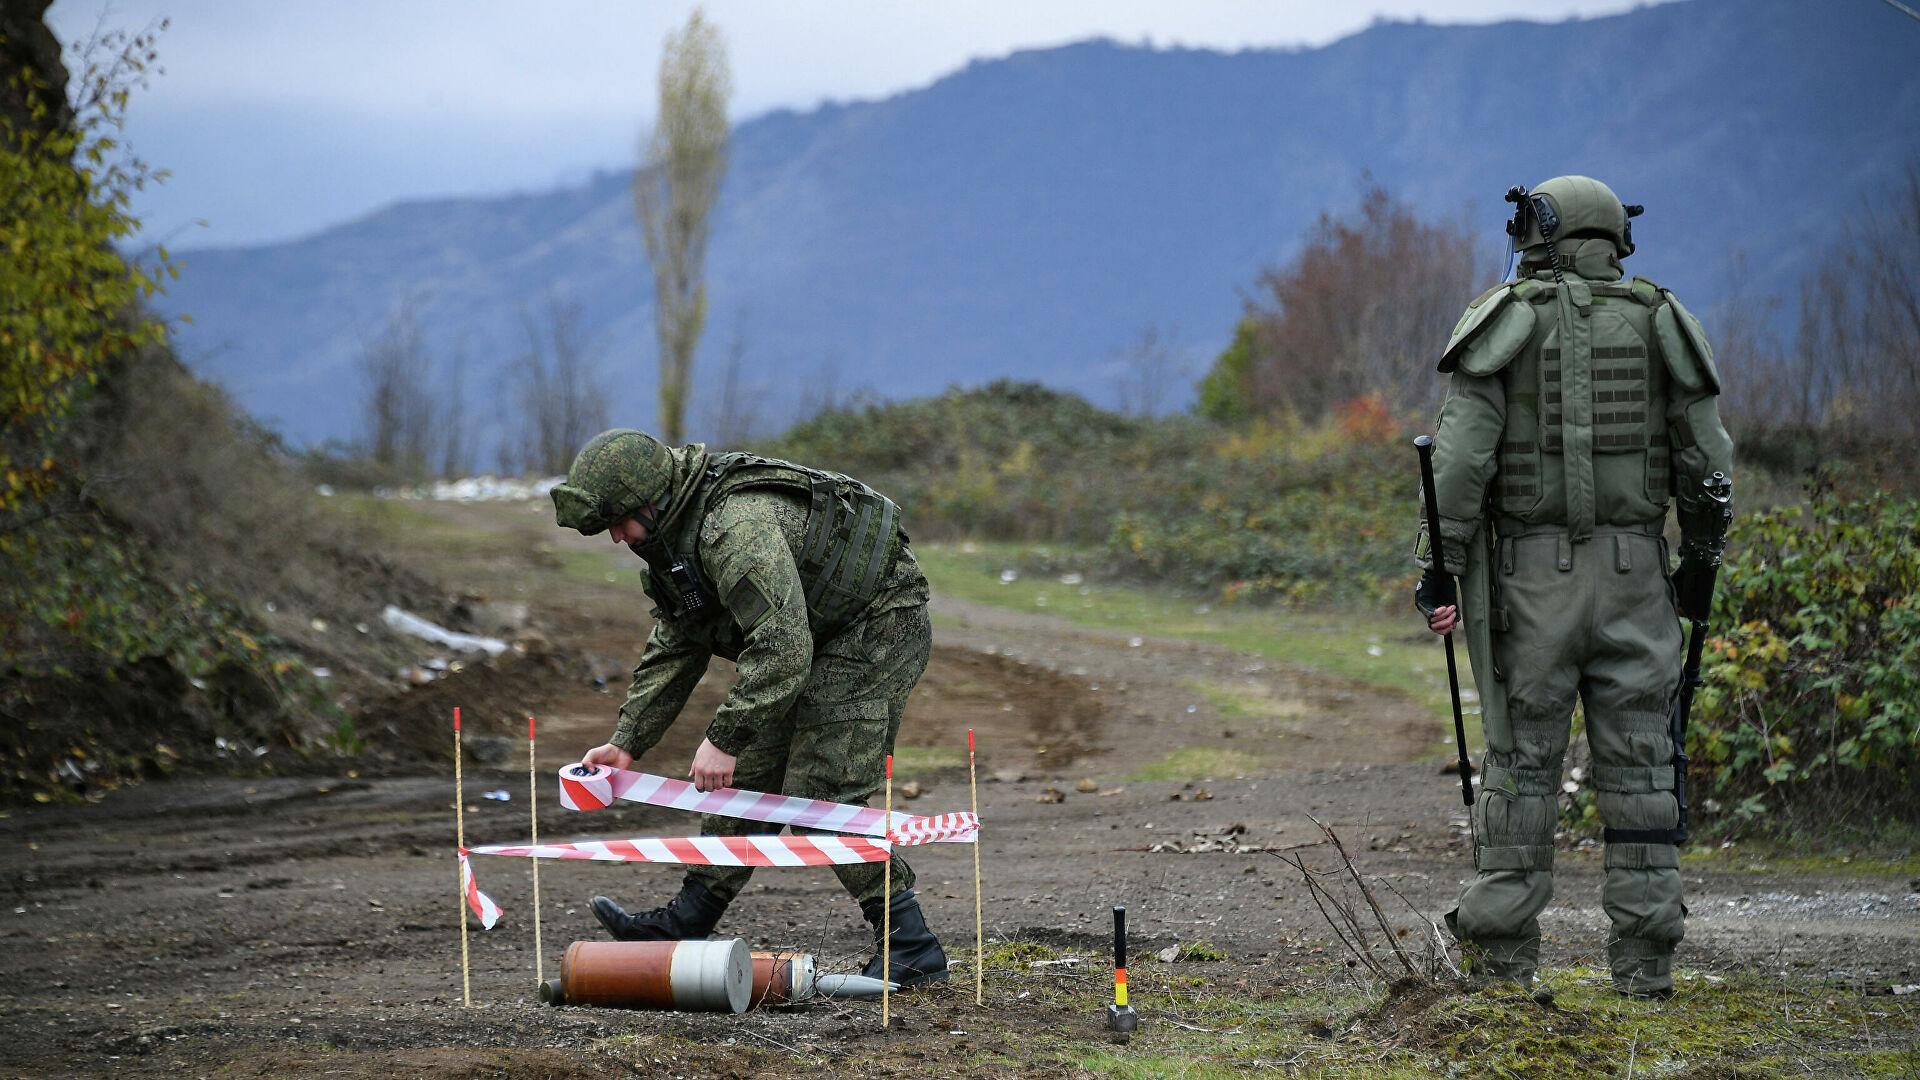 ԼՂ-ում ռուսական խաղաղապահ ուժերի ինժեներական ստորաբաժանումների կողմից ականազերծվել է 238 հեկտար տարածք․ ՌԴ ՊՆ